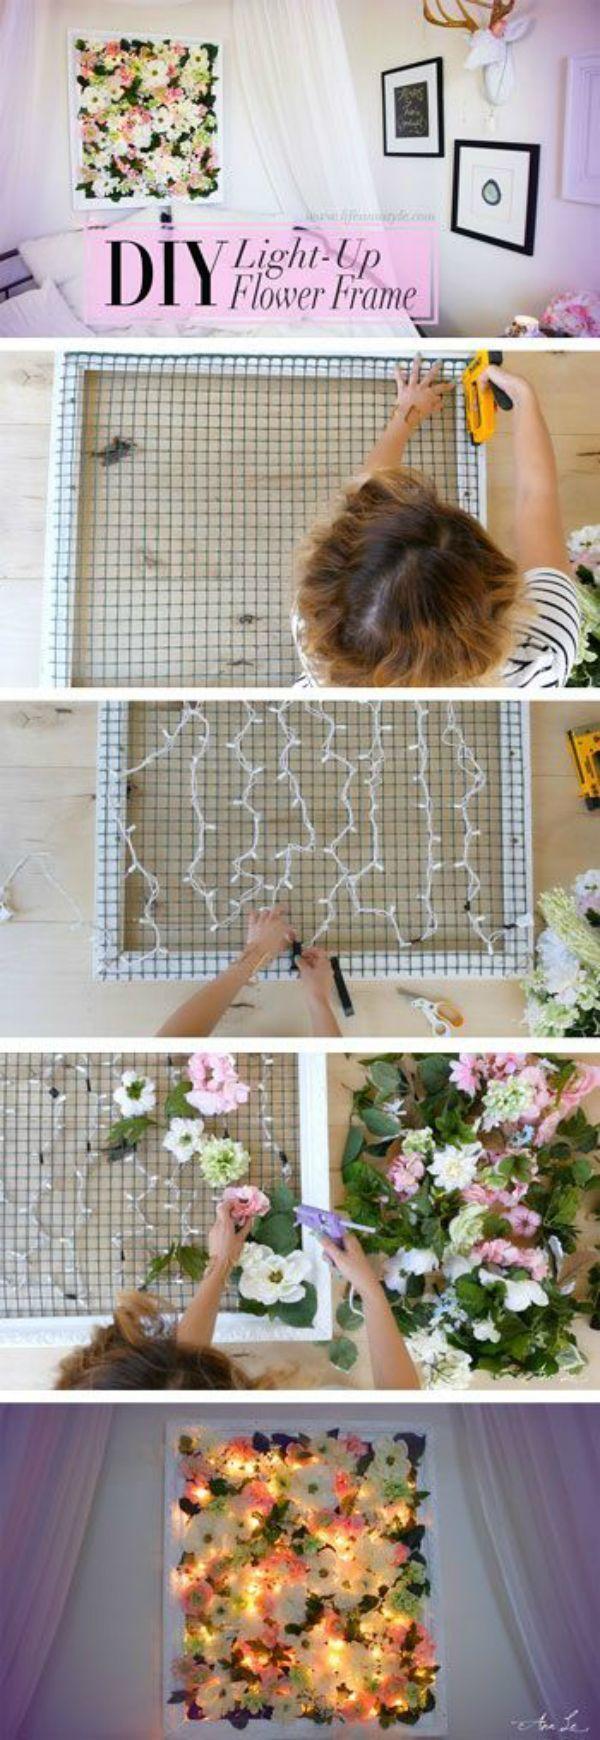 best 20 cheap bedroom decor ideas on pinterest cheap bedroom cheap bedroom decor ideas diy light up flower frame http